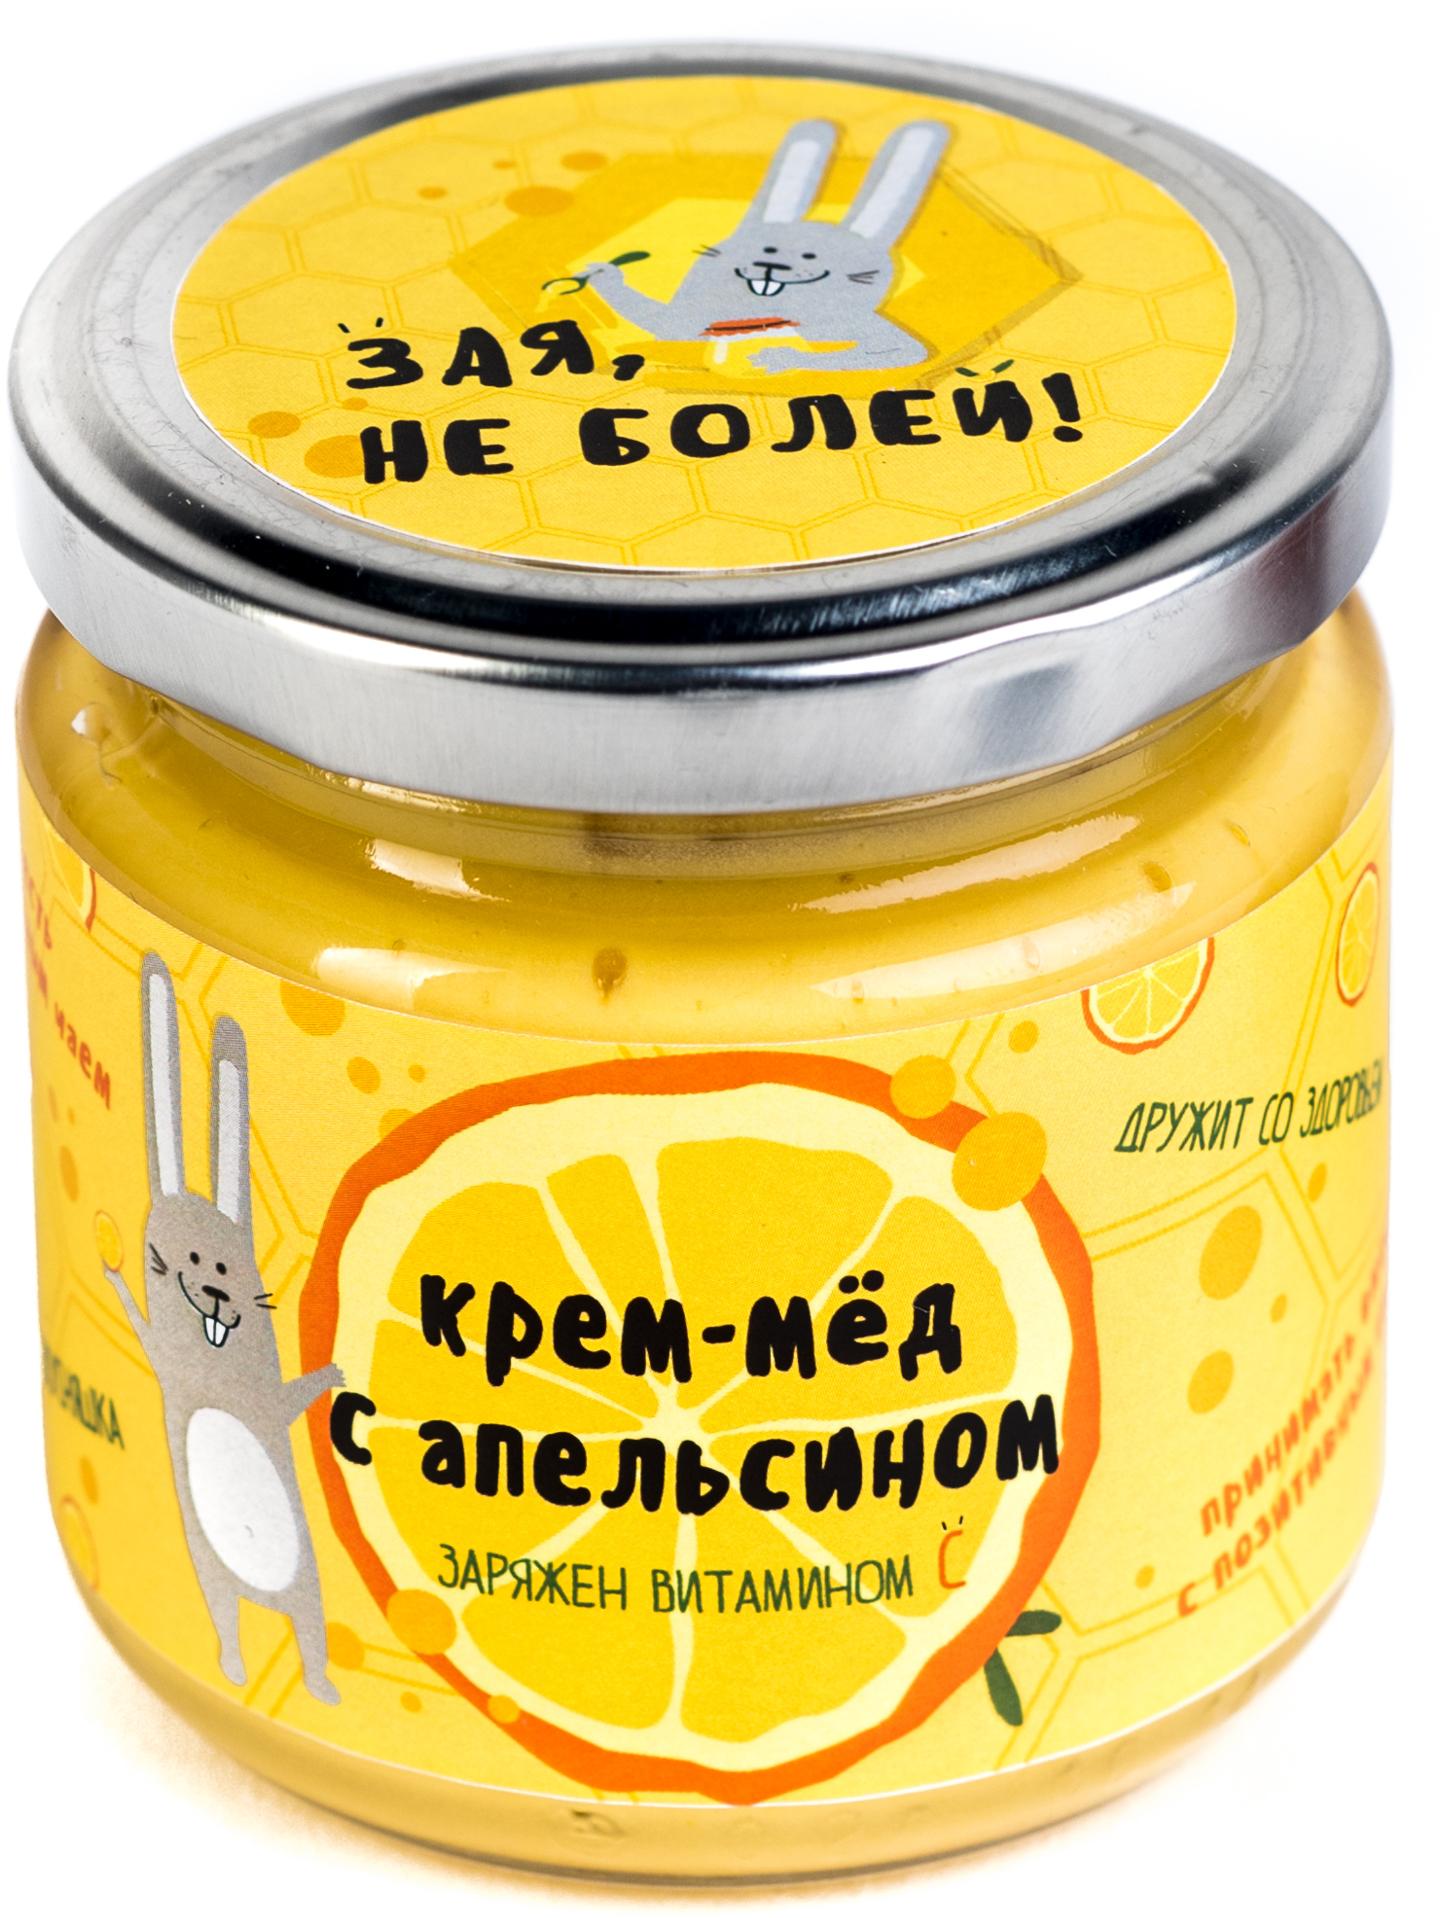 Крем мед - сладкий пчелопродукт на основе меда